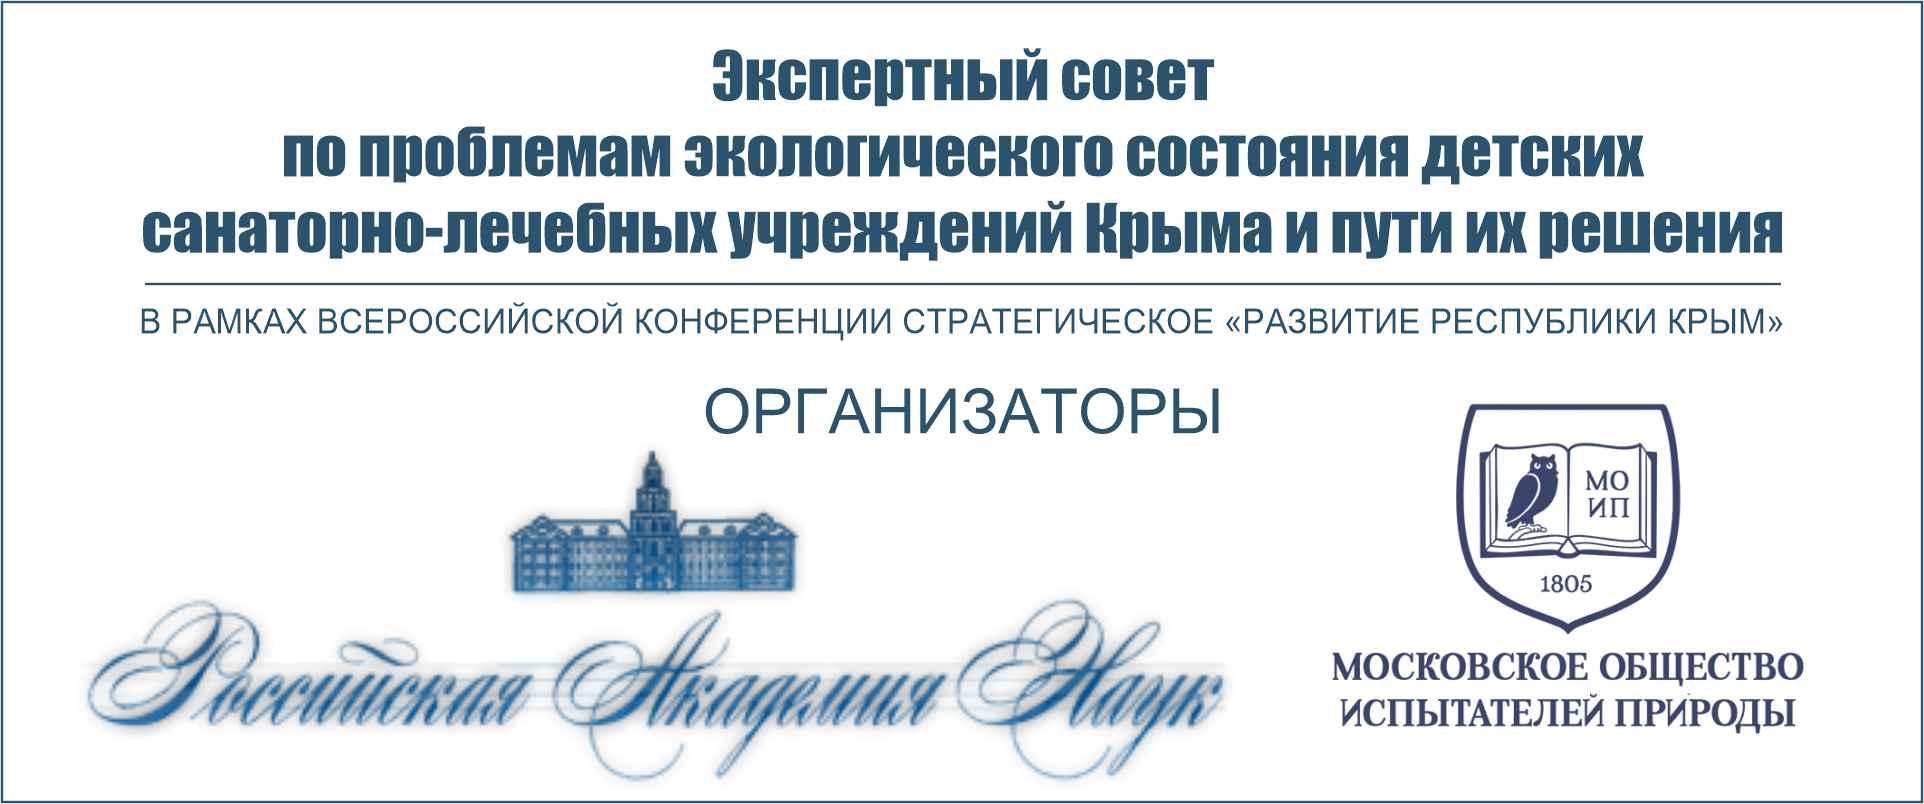 «Стратегическое развитие Республики Крым, как кластера детских санаторно-курортных учреждений и созданию благоприятной инфраструктуры для лечения и оздоровительного отдыха»